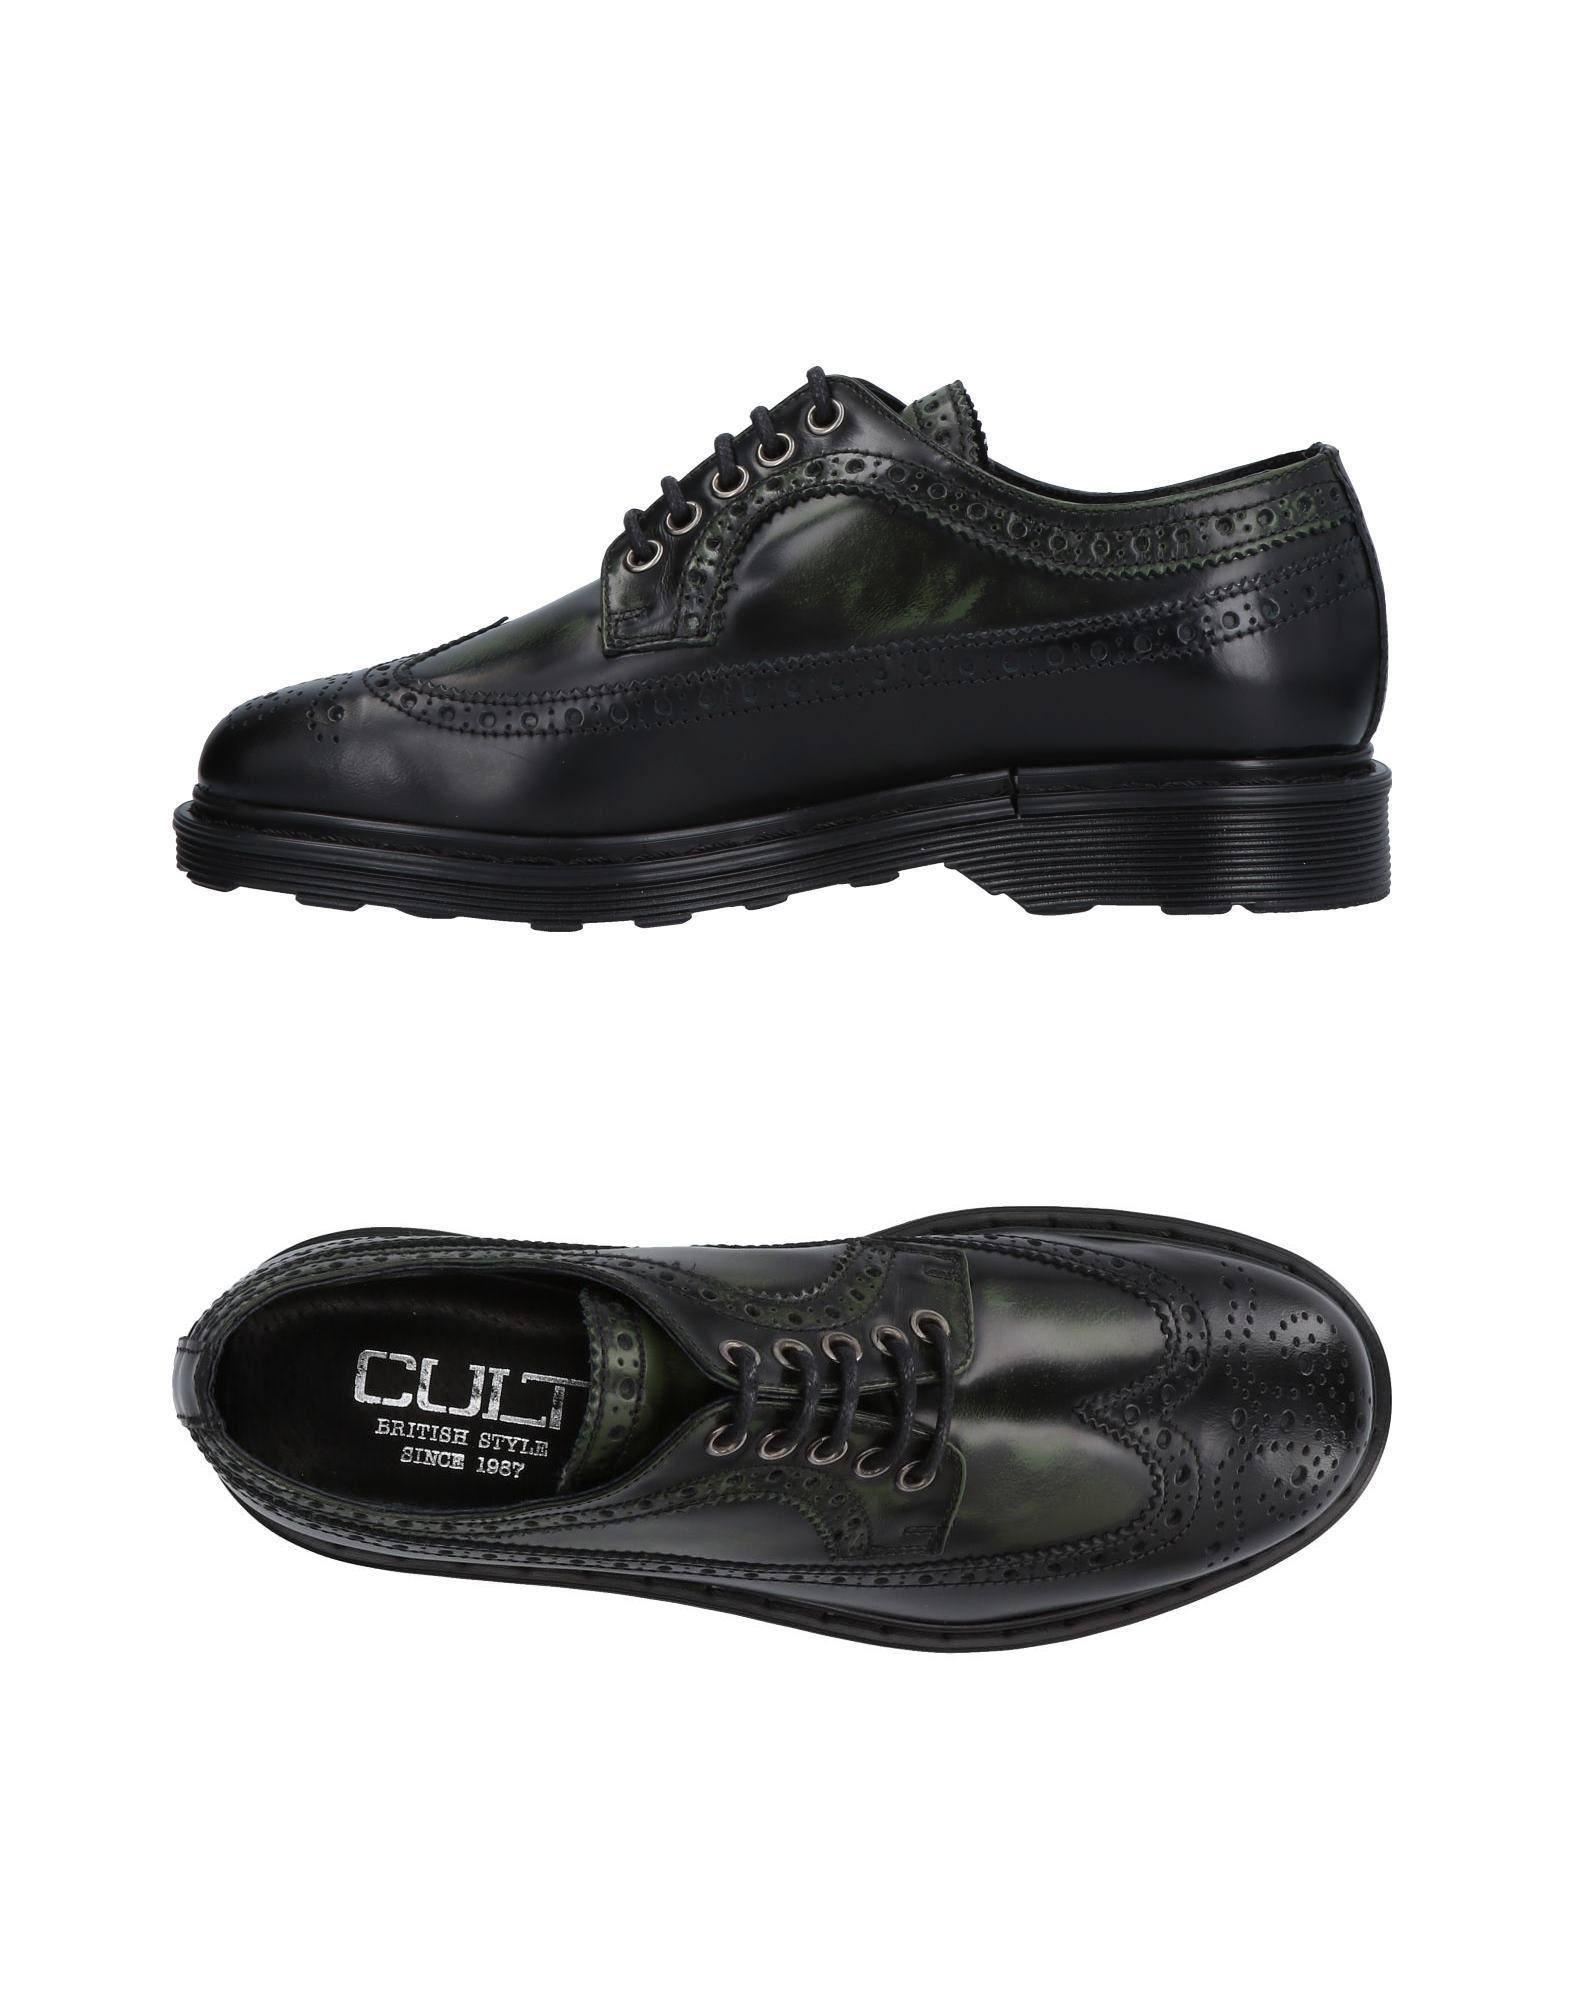 Cult Schnürschuhe Damen  11474694RF Gute Qualität beliebte Schuhe